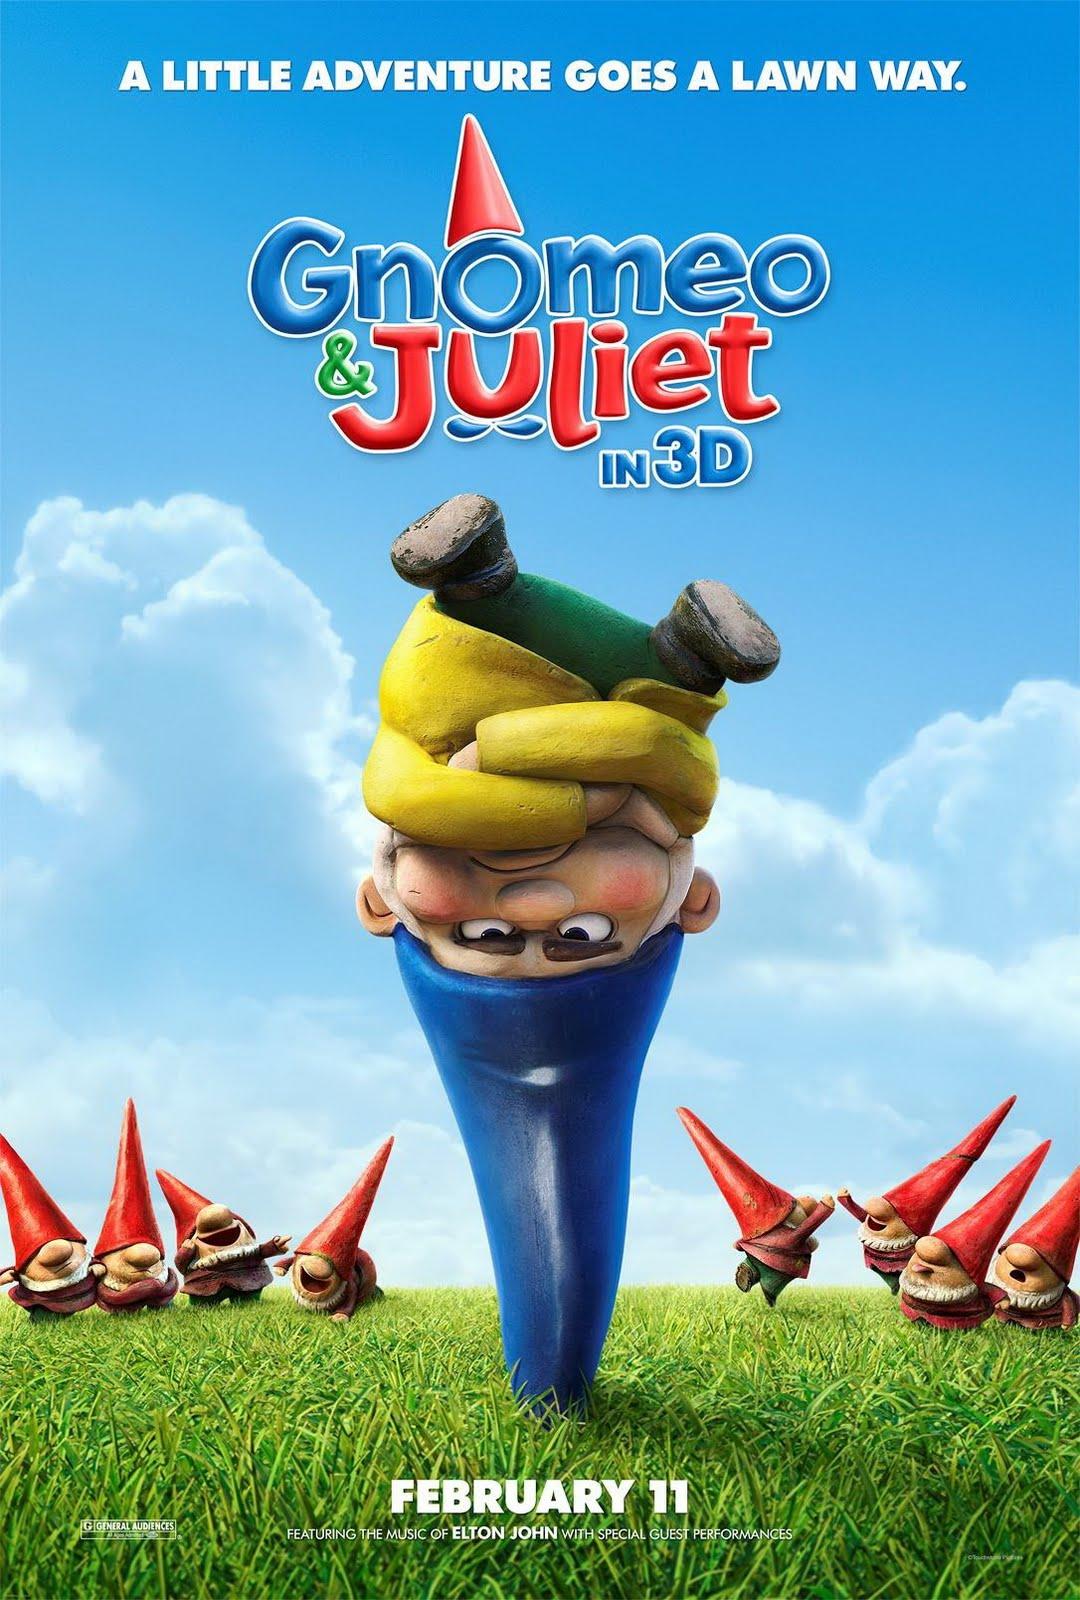 http://2.bp.blogspot.com/_UXXtJmb1kNs/TQq2ctIbY3I/AAAAAAAAFWU/hshtcl9qlKE/s1600/Gnomeo%2Band%2BJuliet%2BMovie%2BPoster.jpg